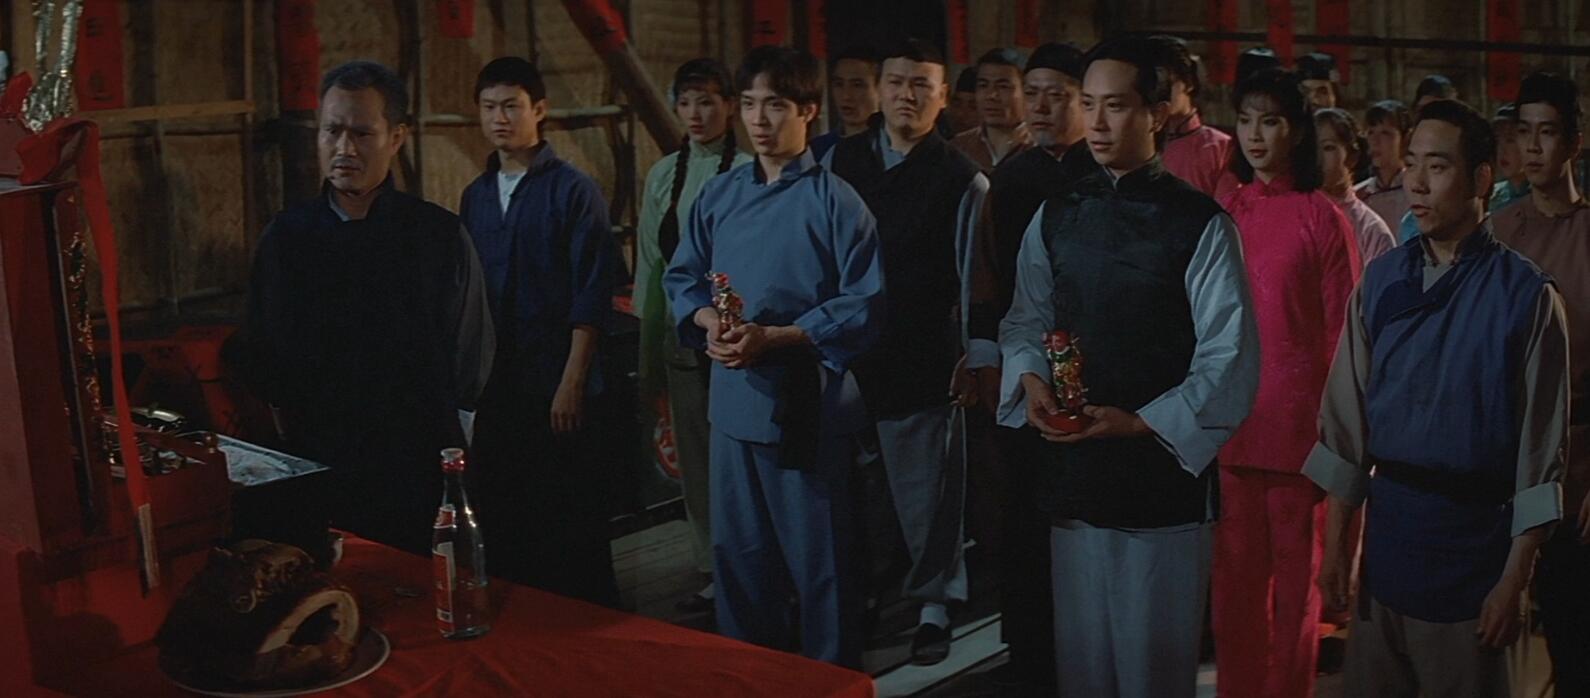 人吓鬼 Hocus Pocus (1984)